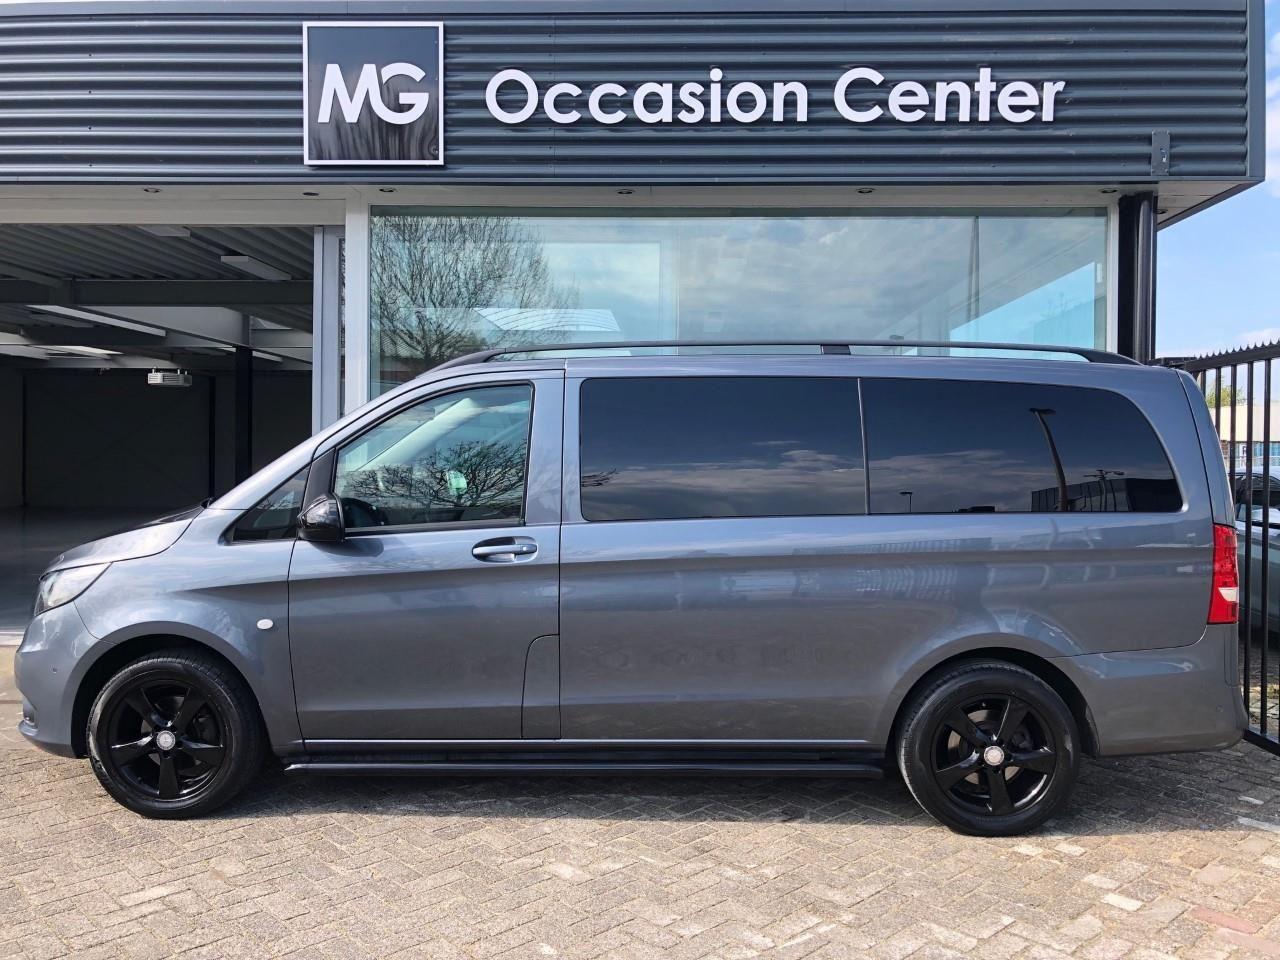 Mercedes-Benz Vito occasion - MG Occasion Center